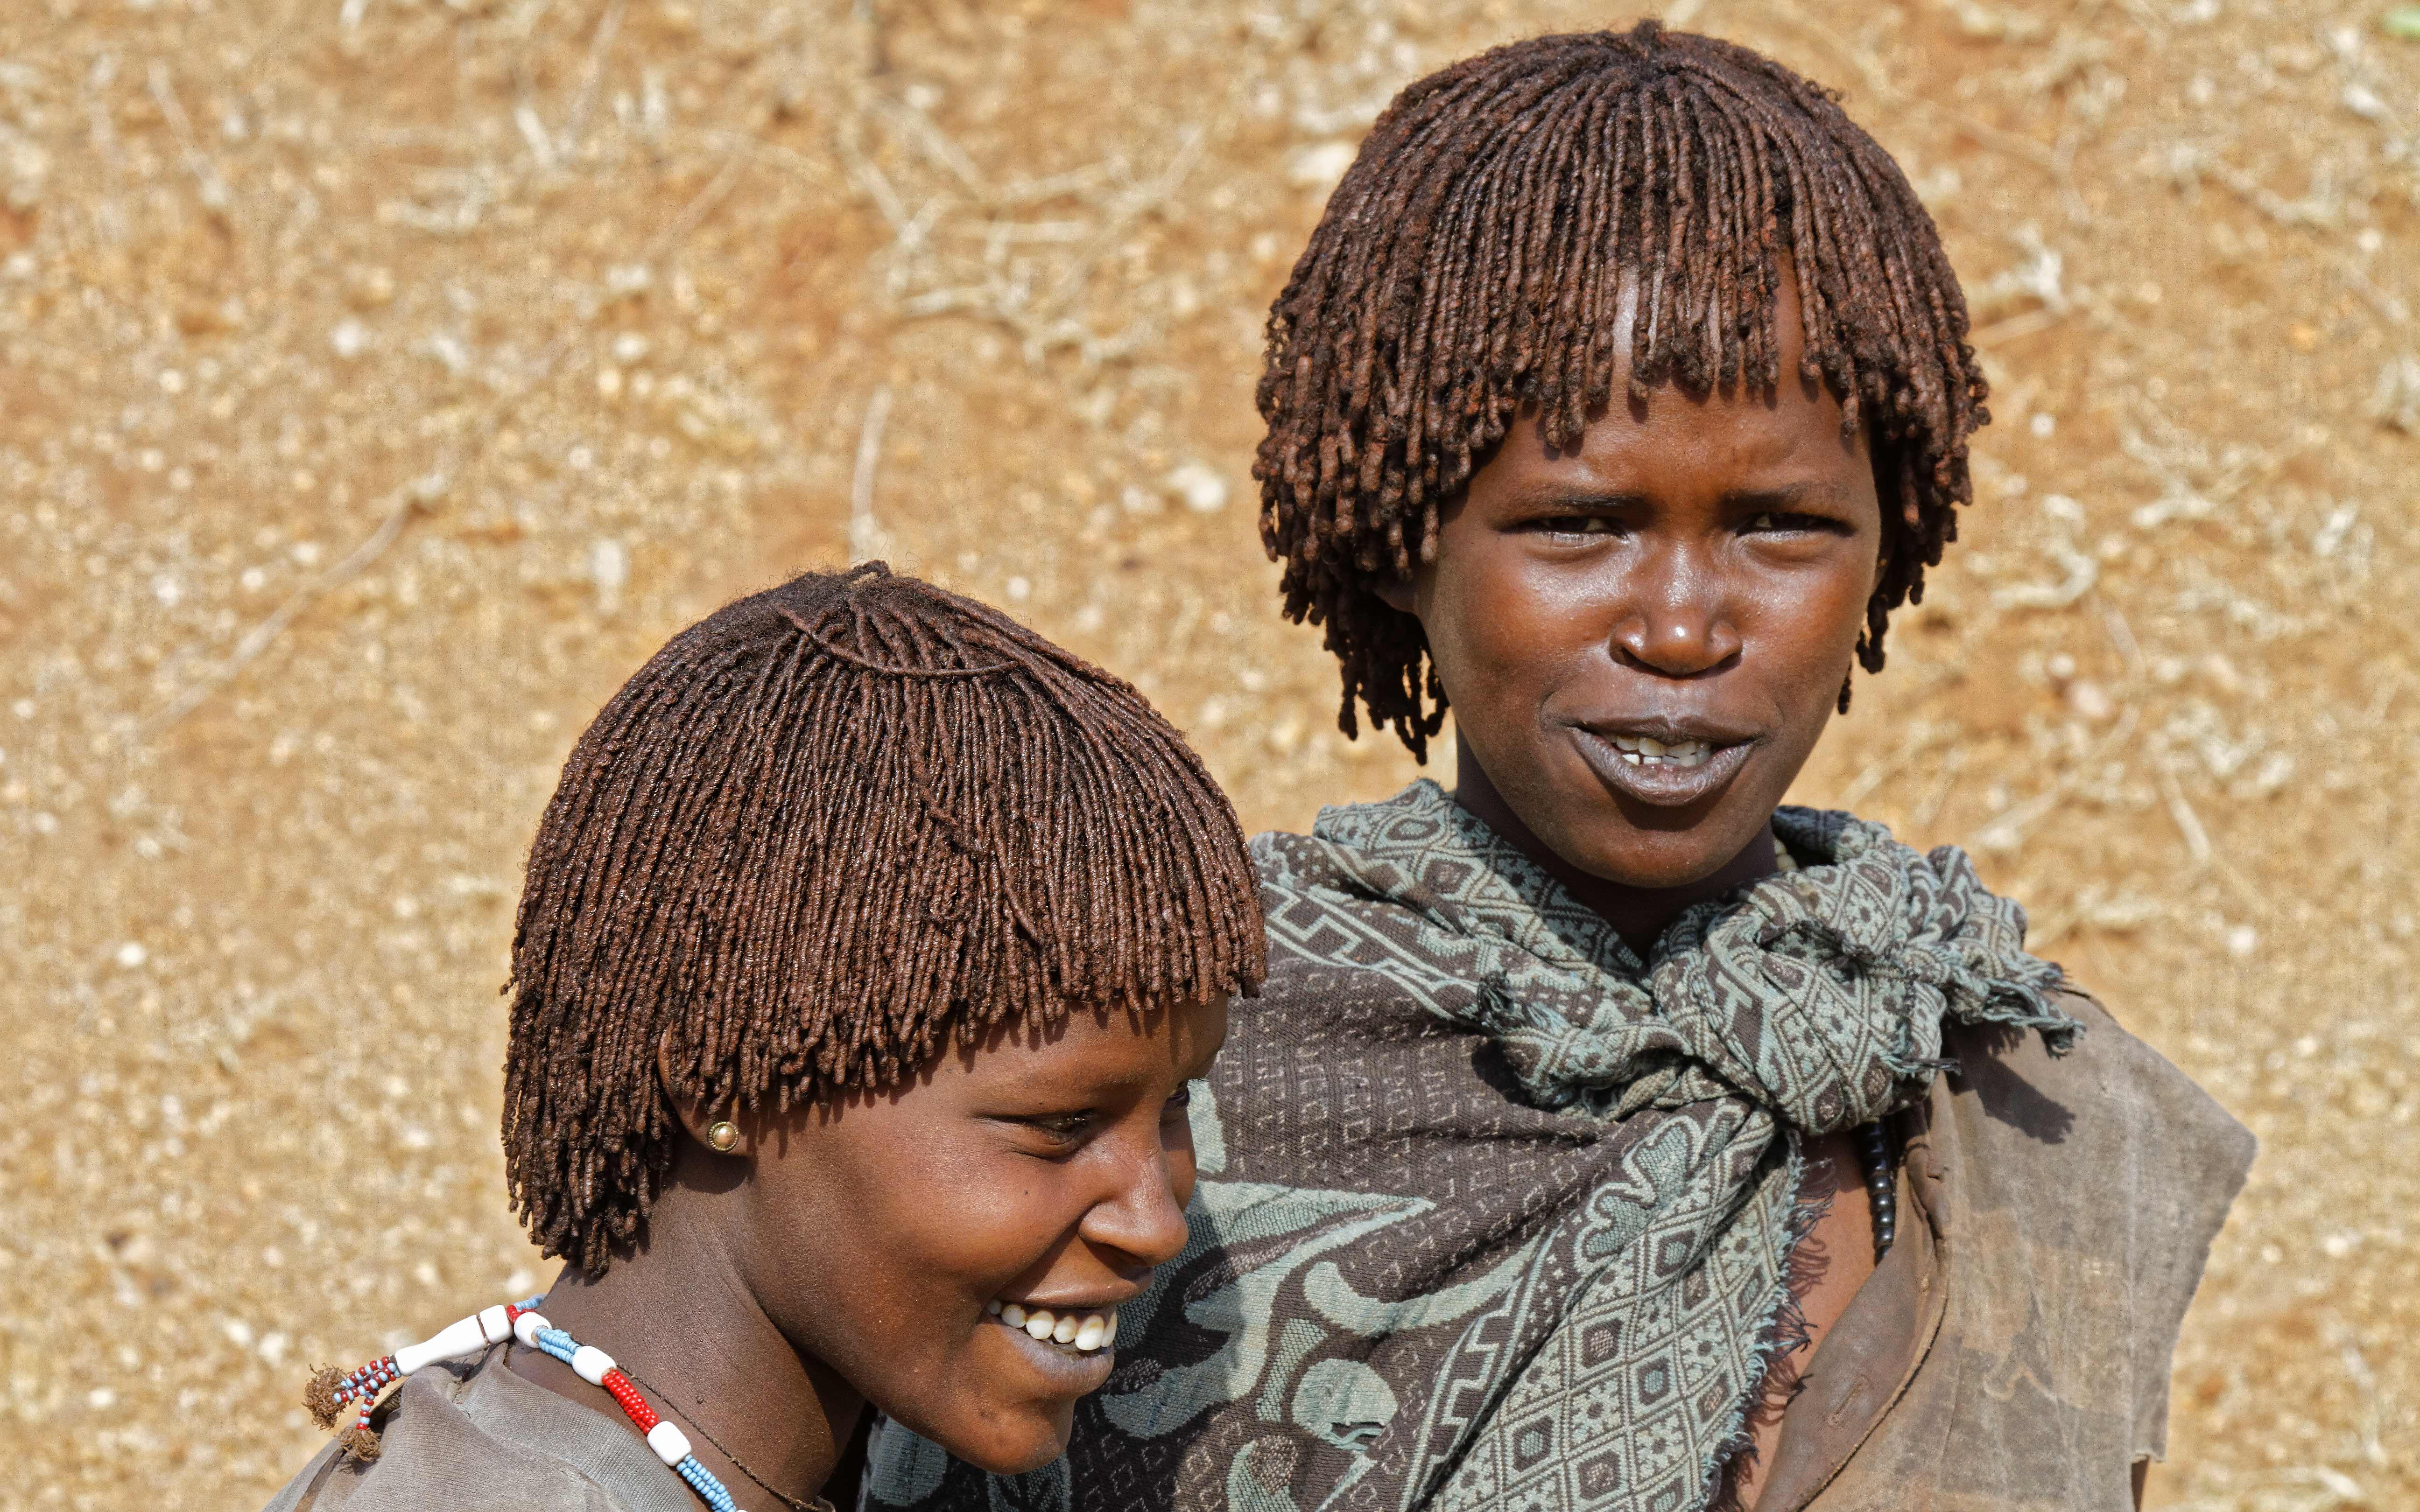 Jeunes filles de Tribu Benna dans la vallee de l'Omo